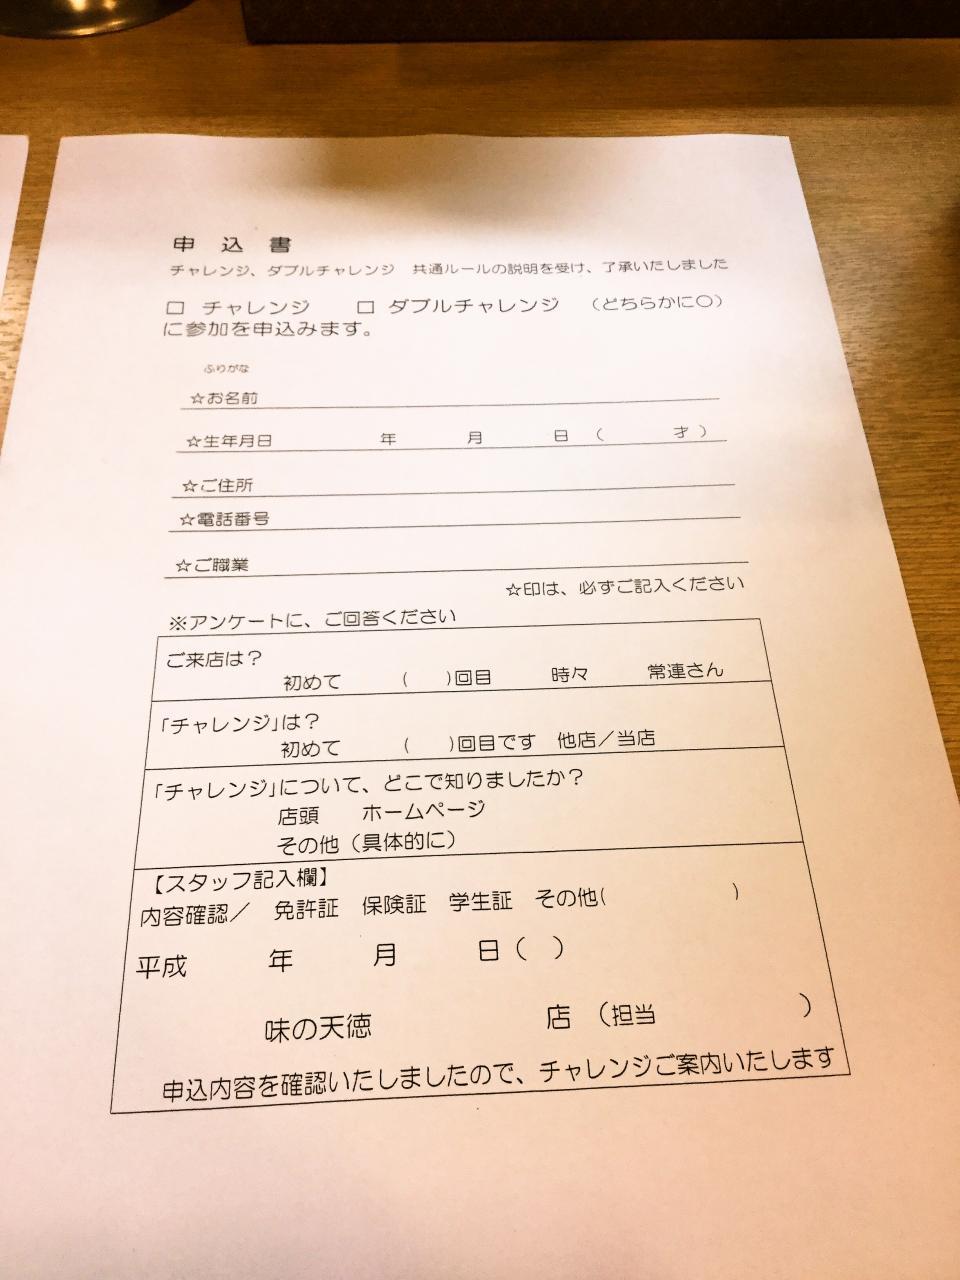 味の天徳 柿生店(店内)